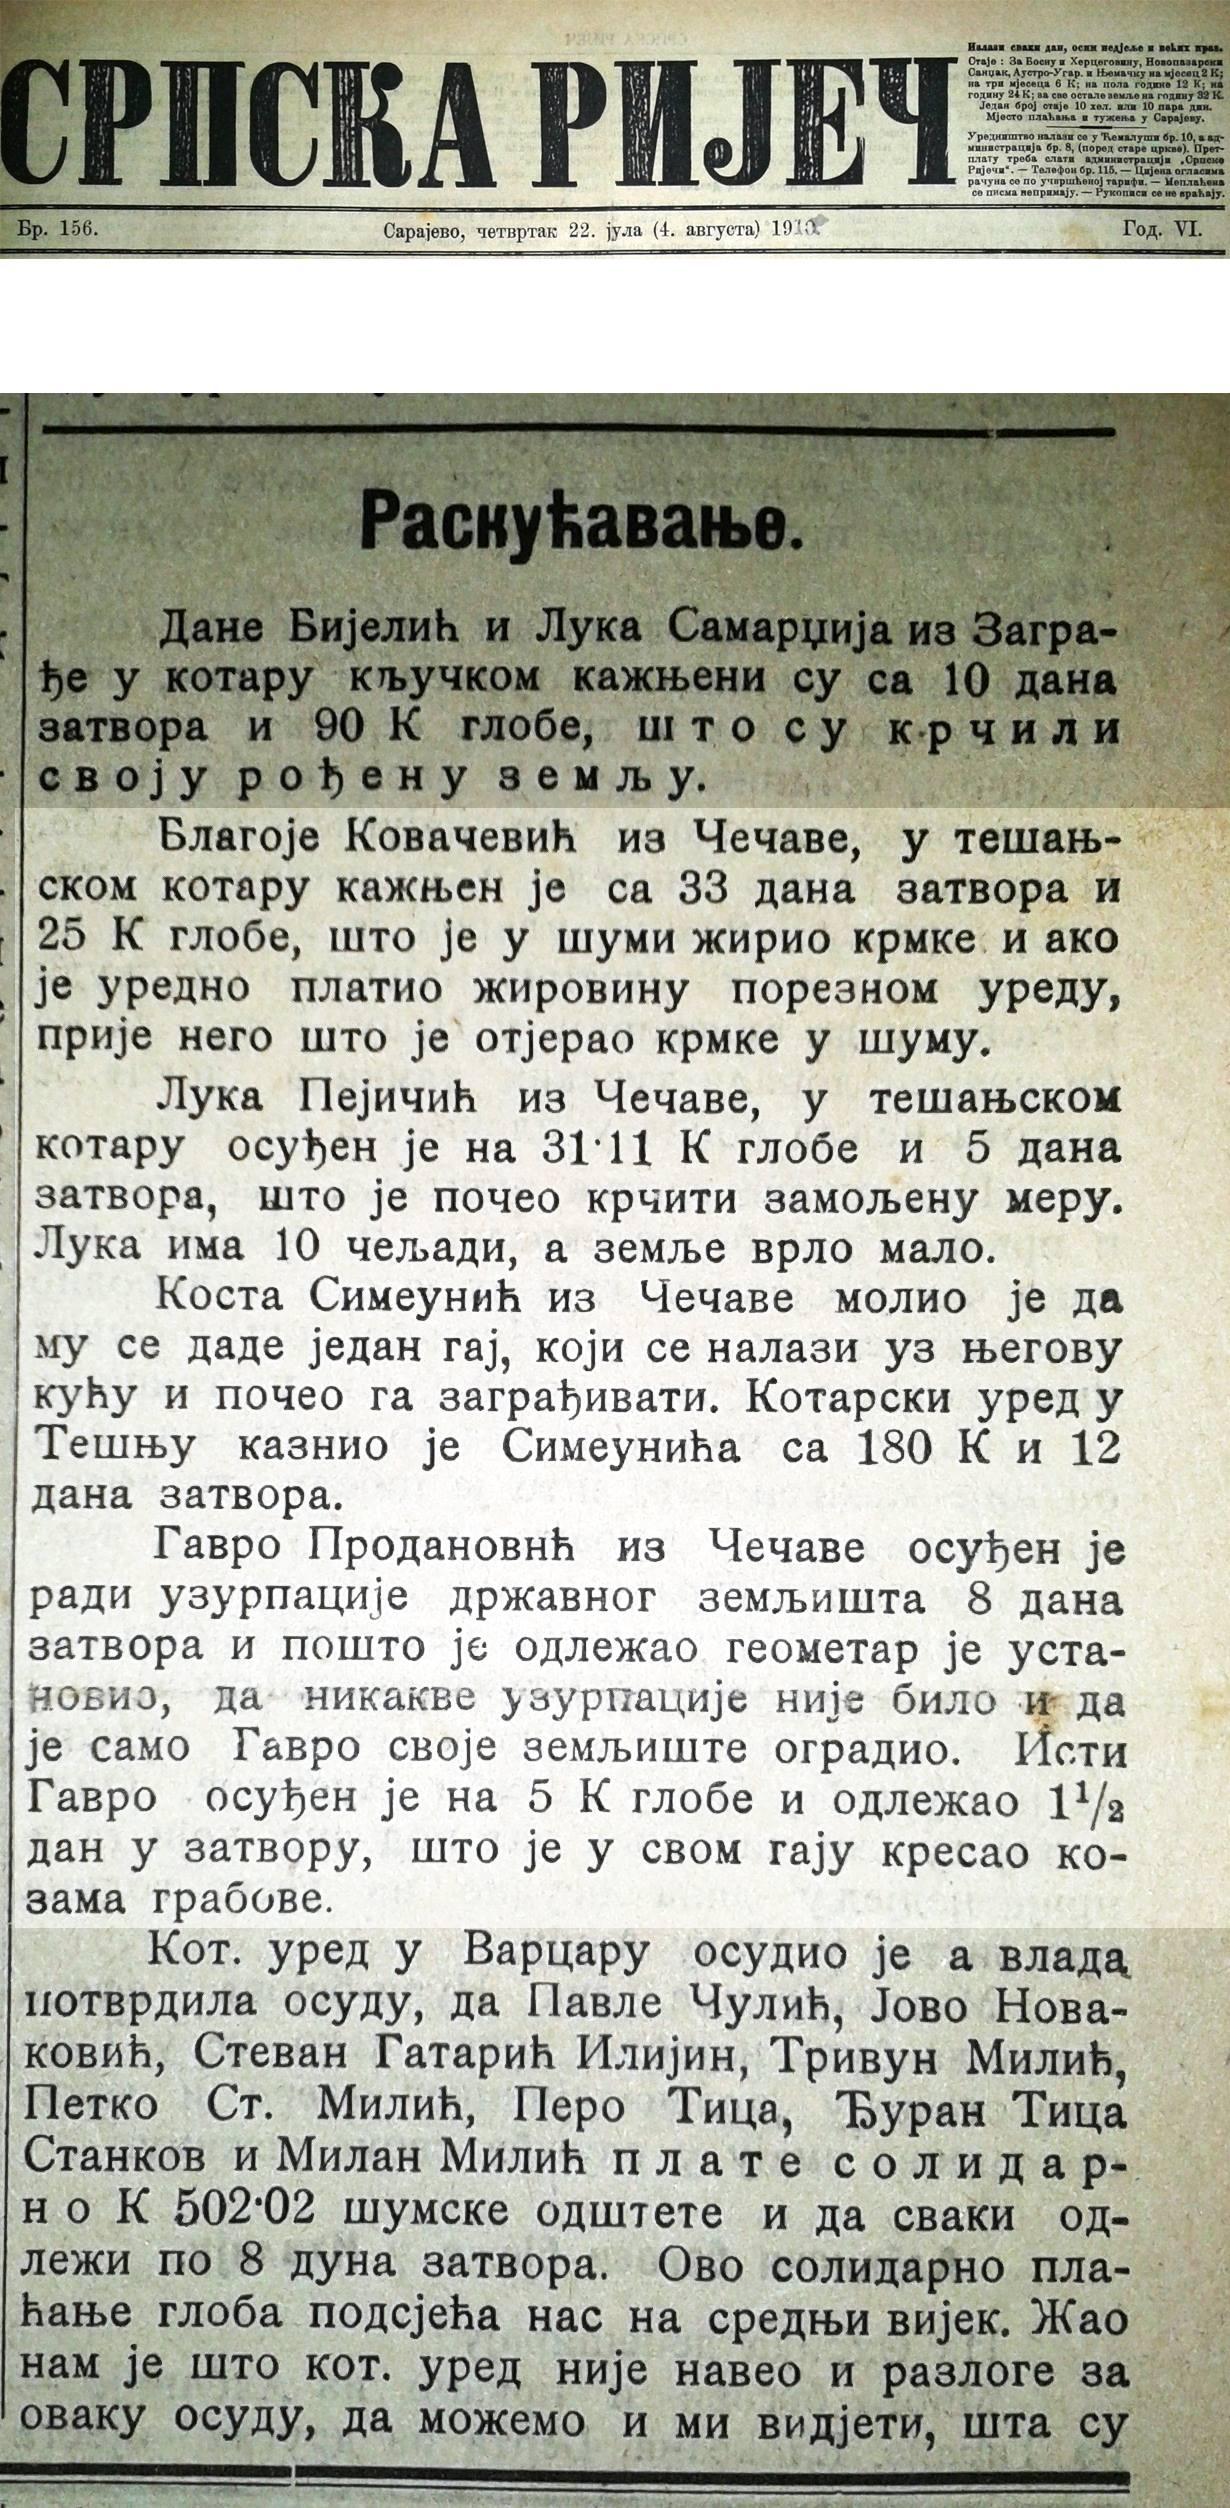 srpska rijec 1910